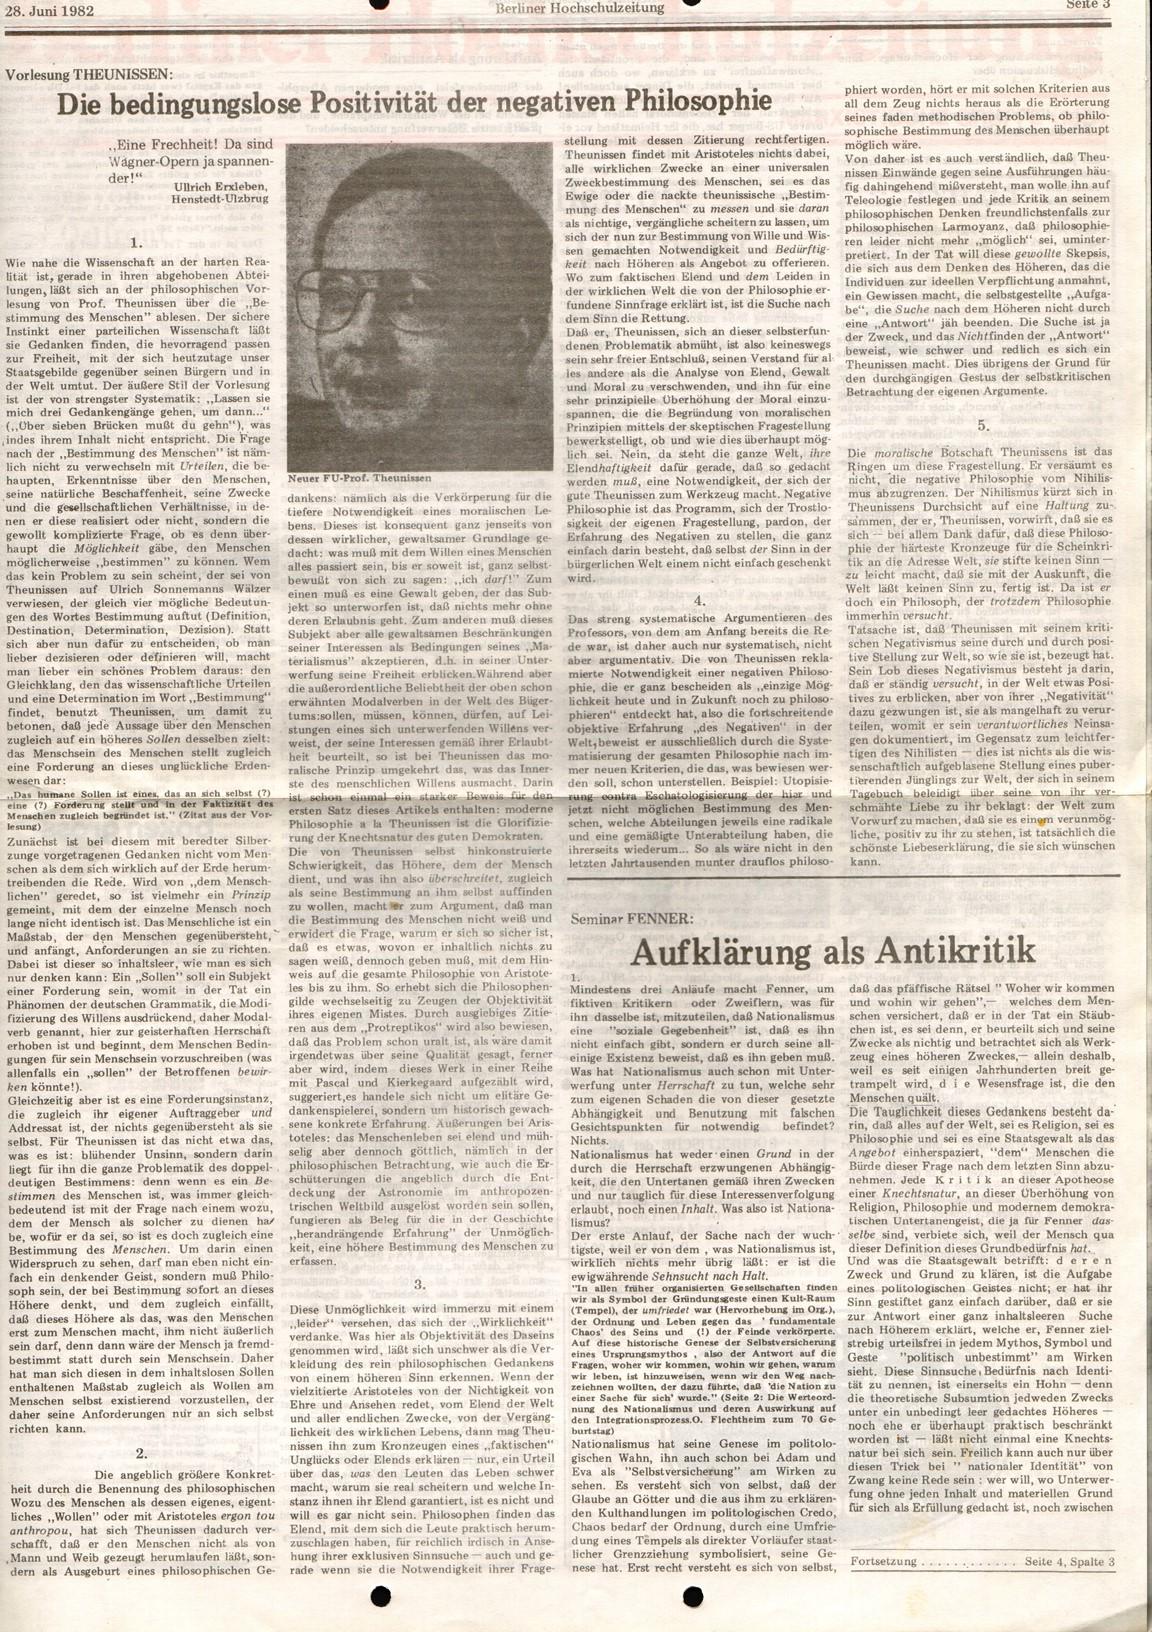 Berlin_MG_Hochschulzeitung_19820628_03